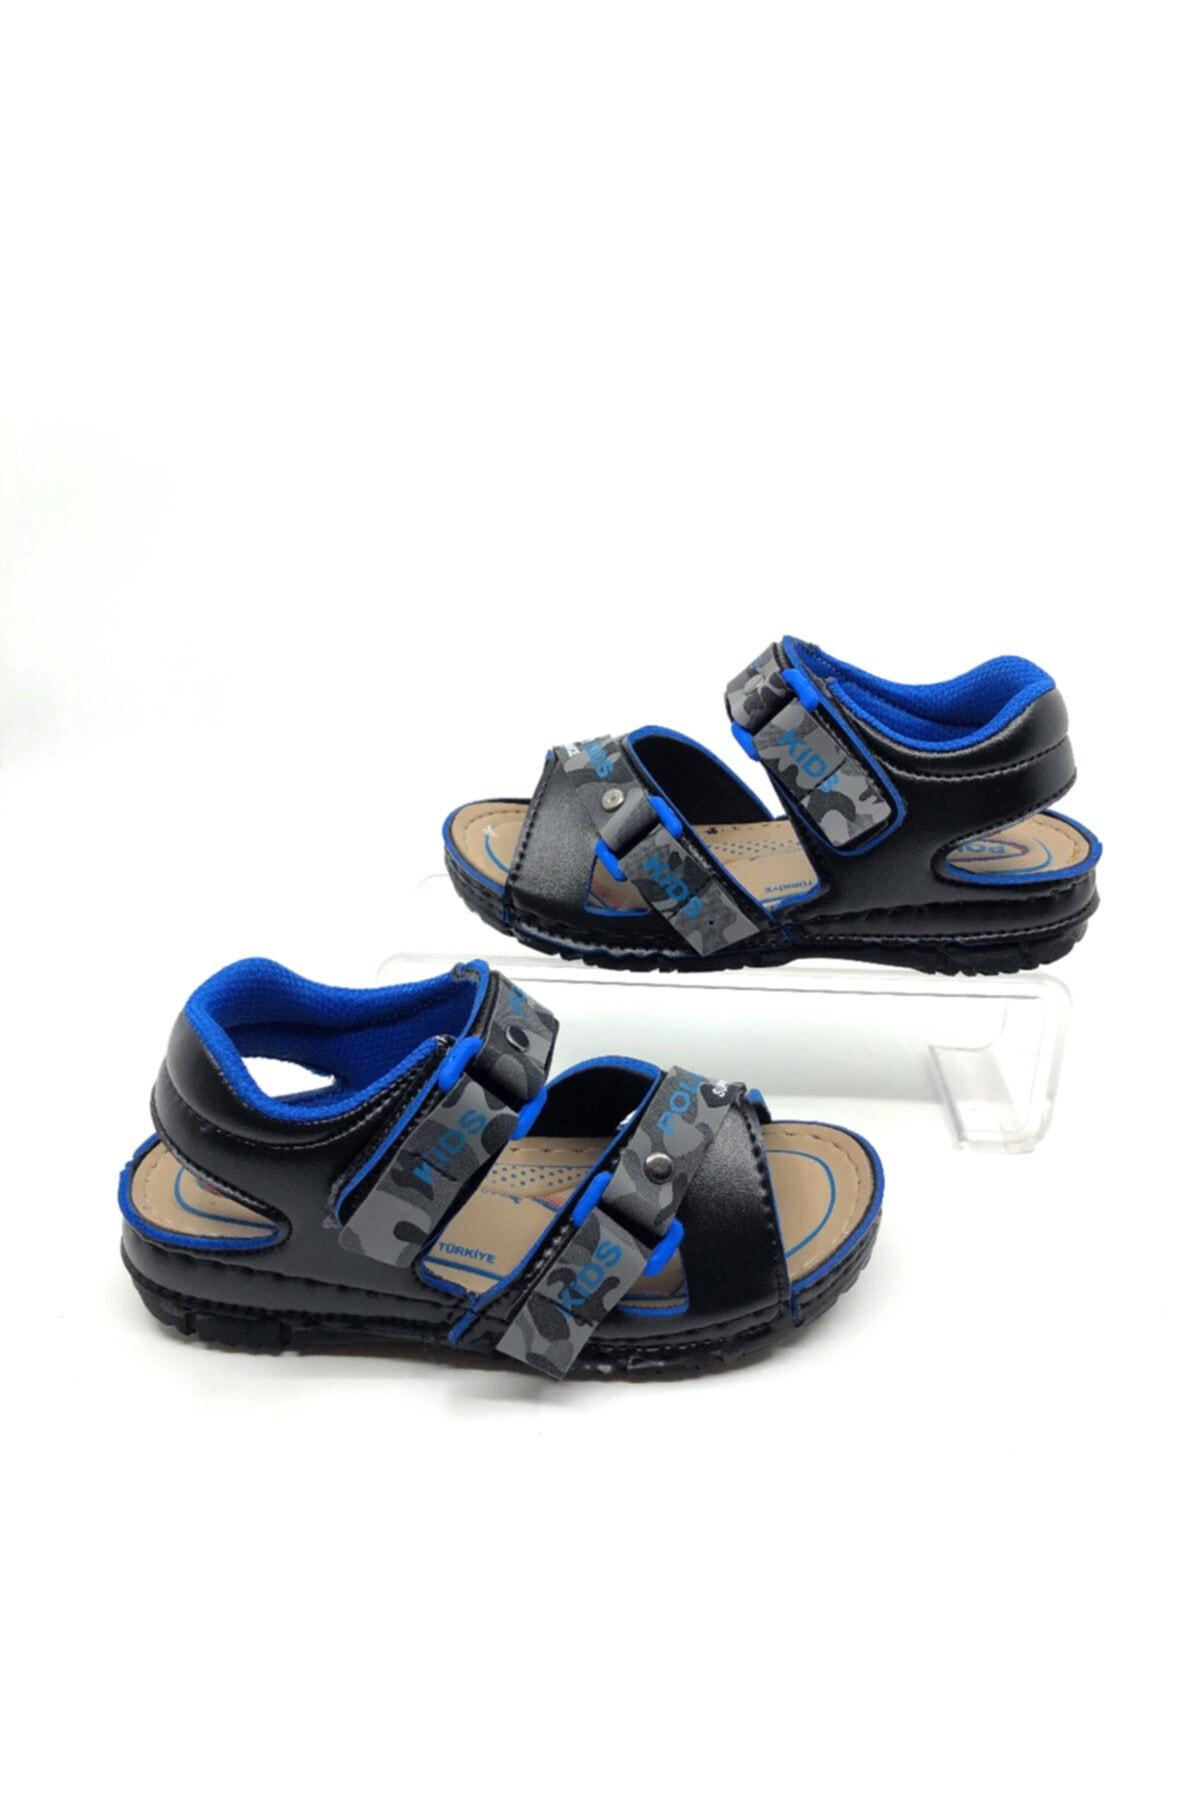 Erkek Çocuk Siyah Saks Cırtlı Yumuşak  Sandalet 22-35